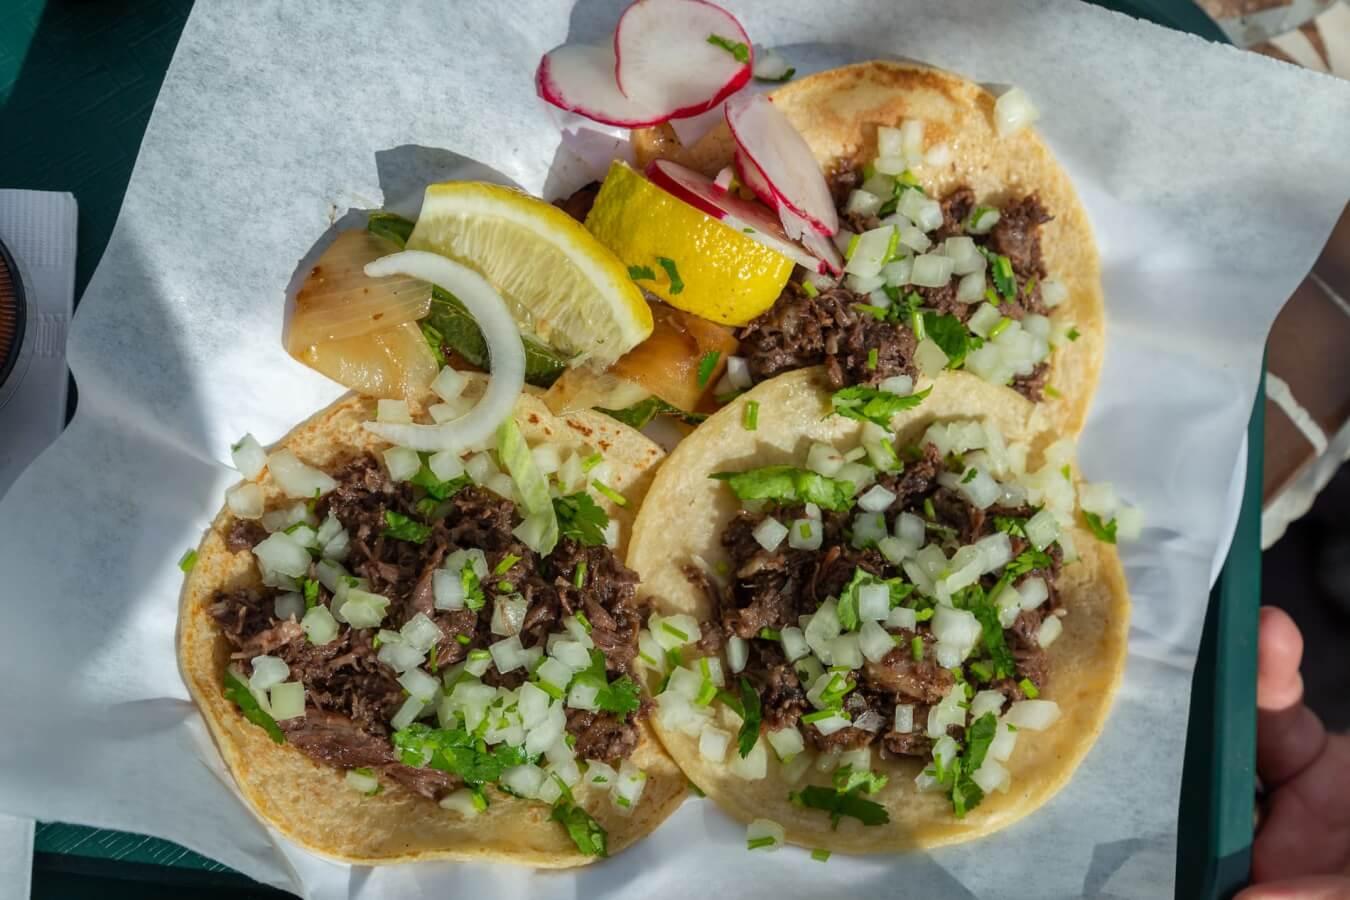 Tacos at Taqueria Dona Raquel